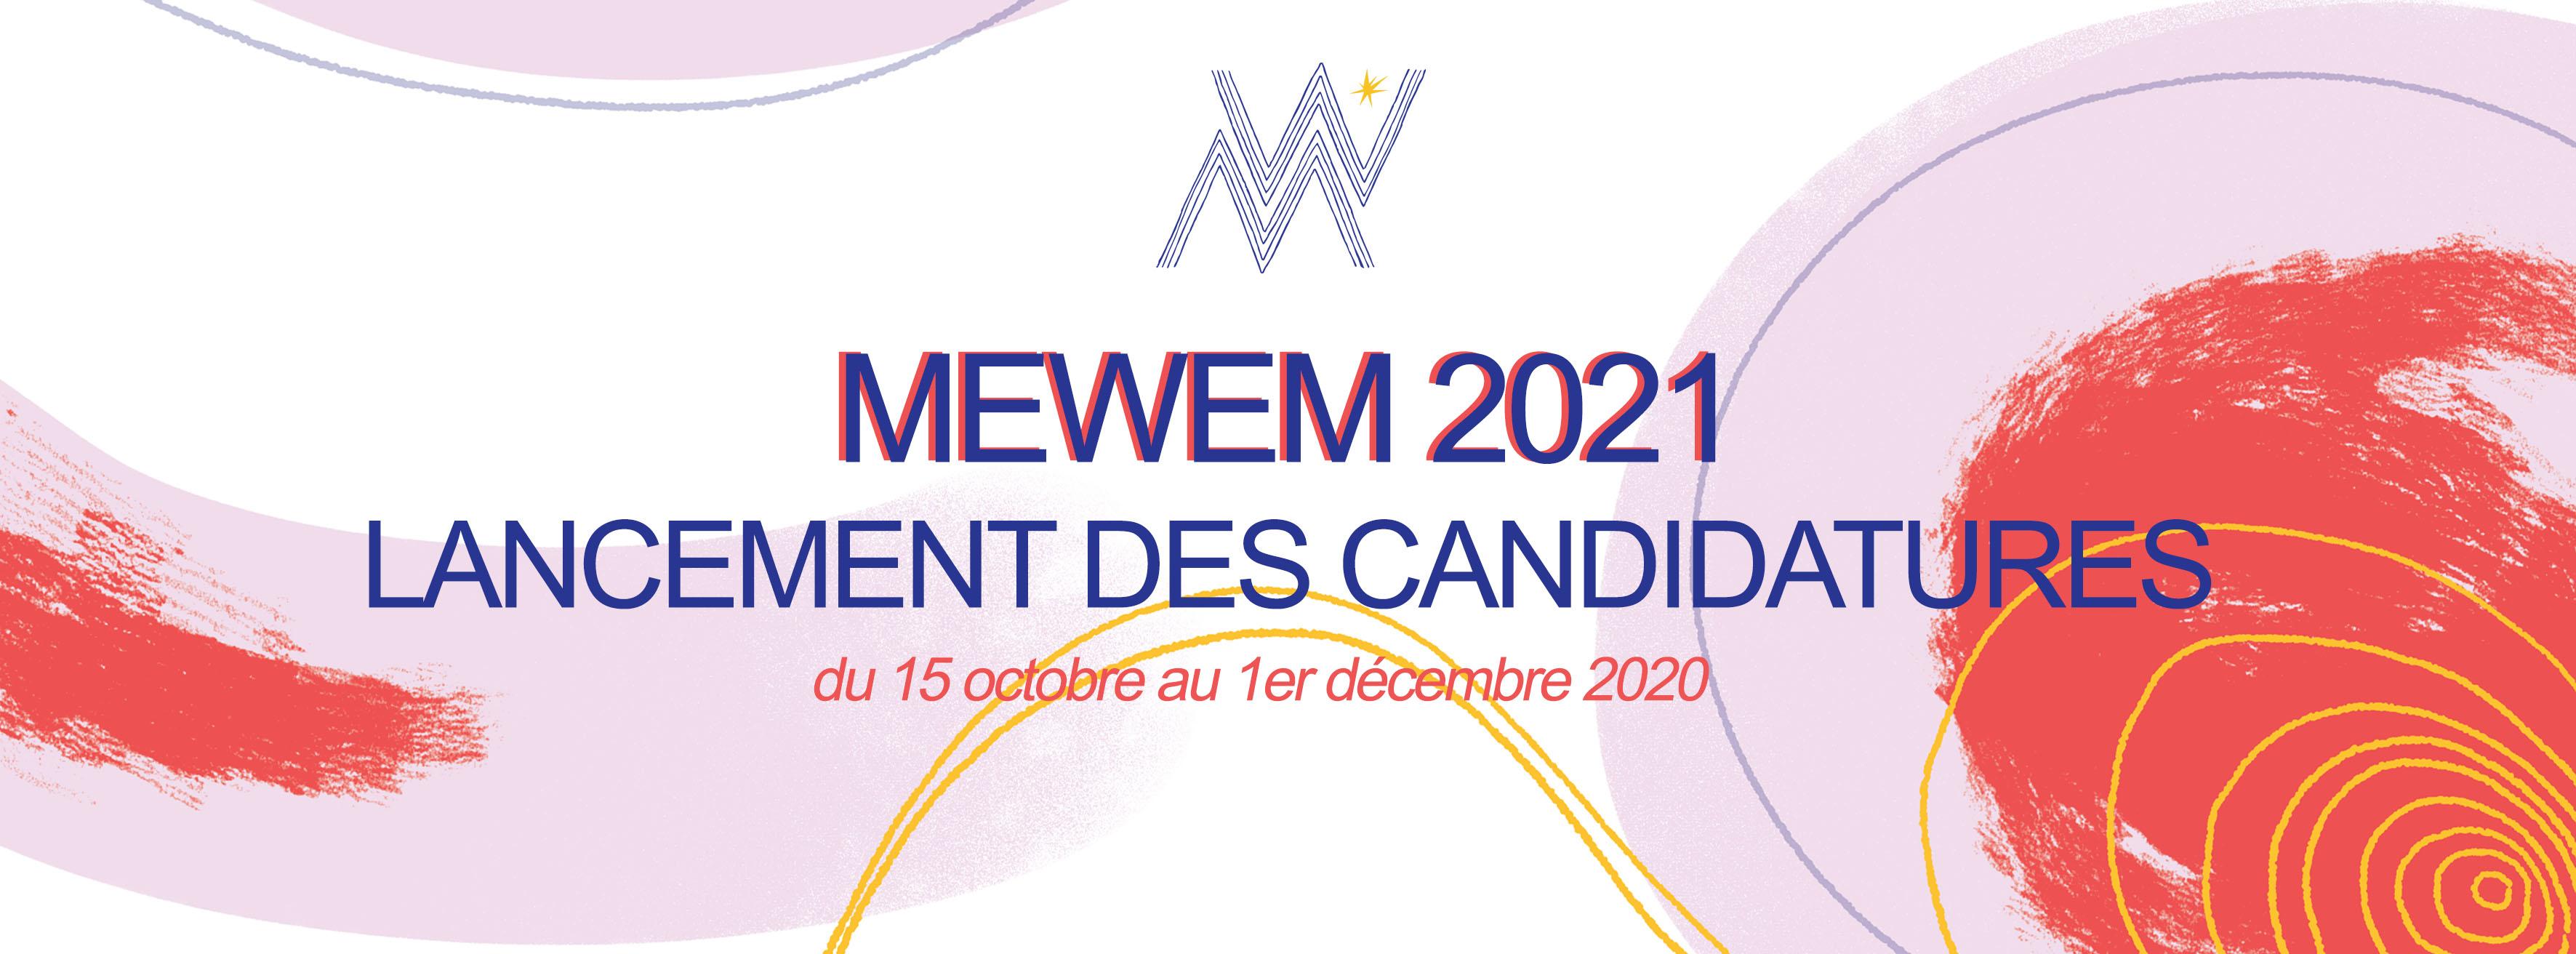 MEWEM (mentorat pro femmes-femmes) [appel à candidatures]